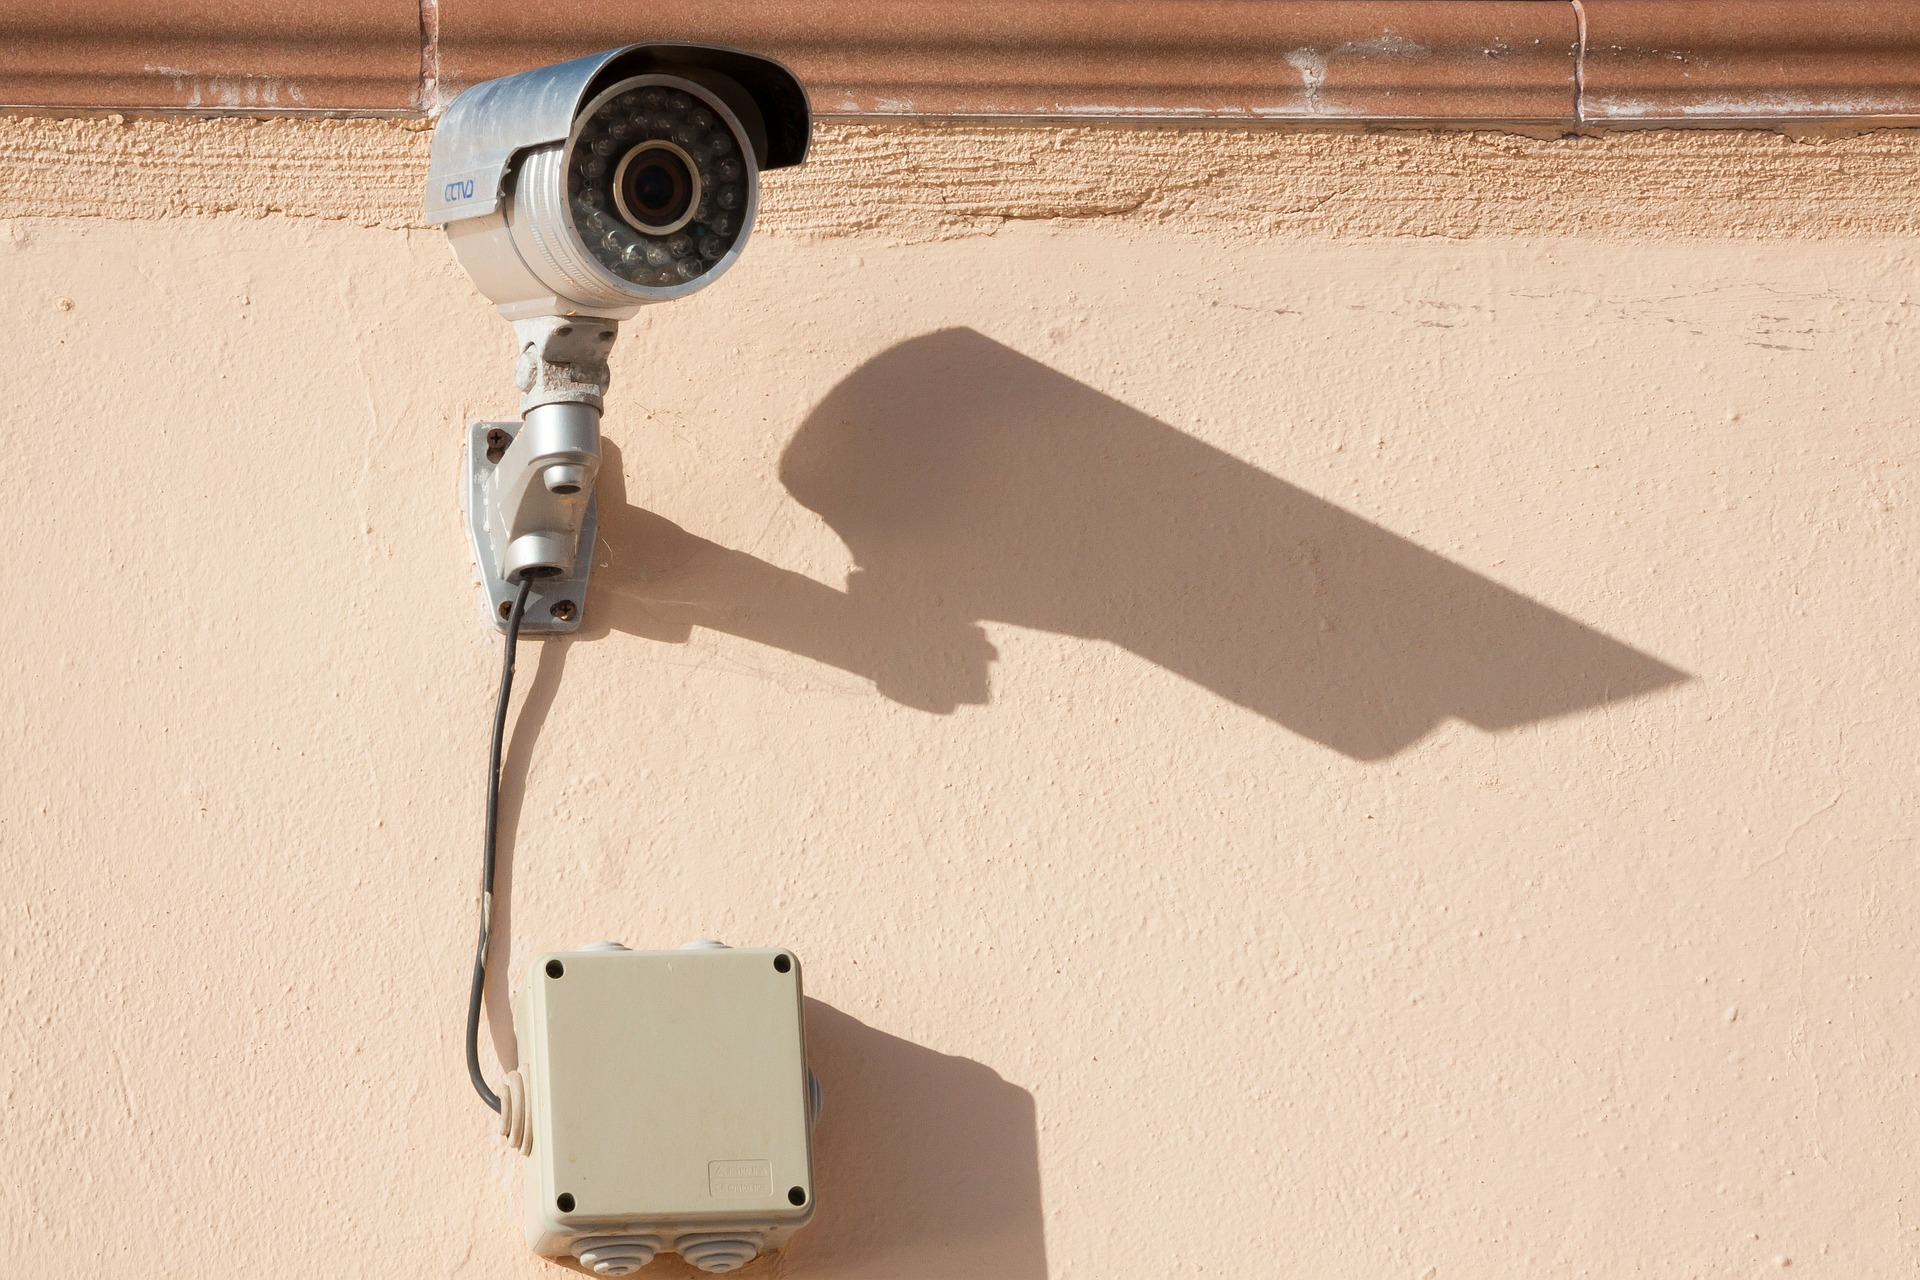 Protéger son appartement des cambrioleurs à Cannes : les principaux dispositifs